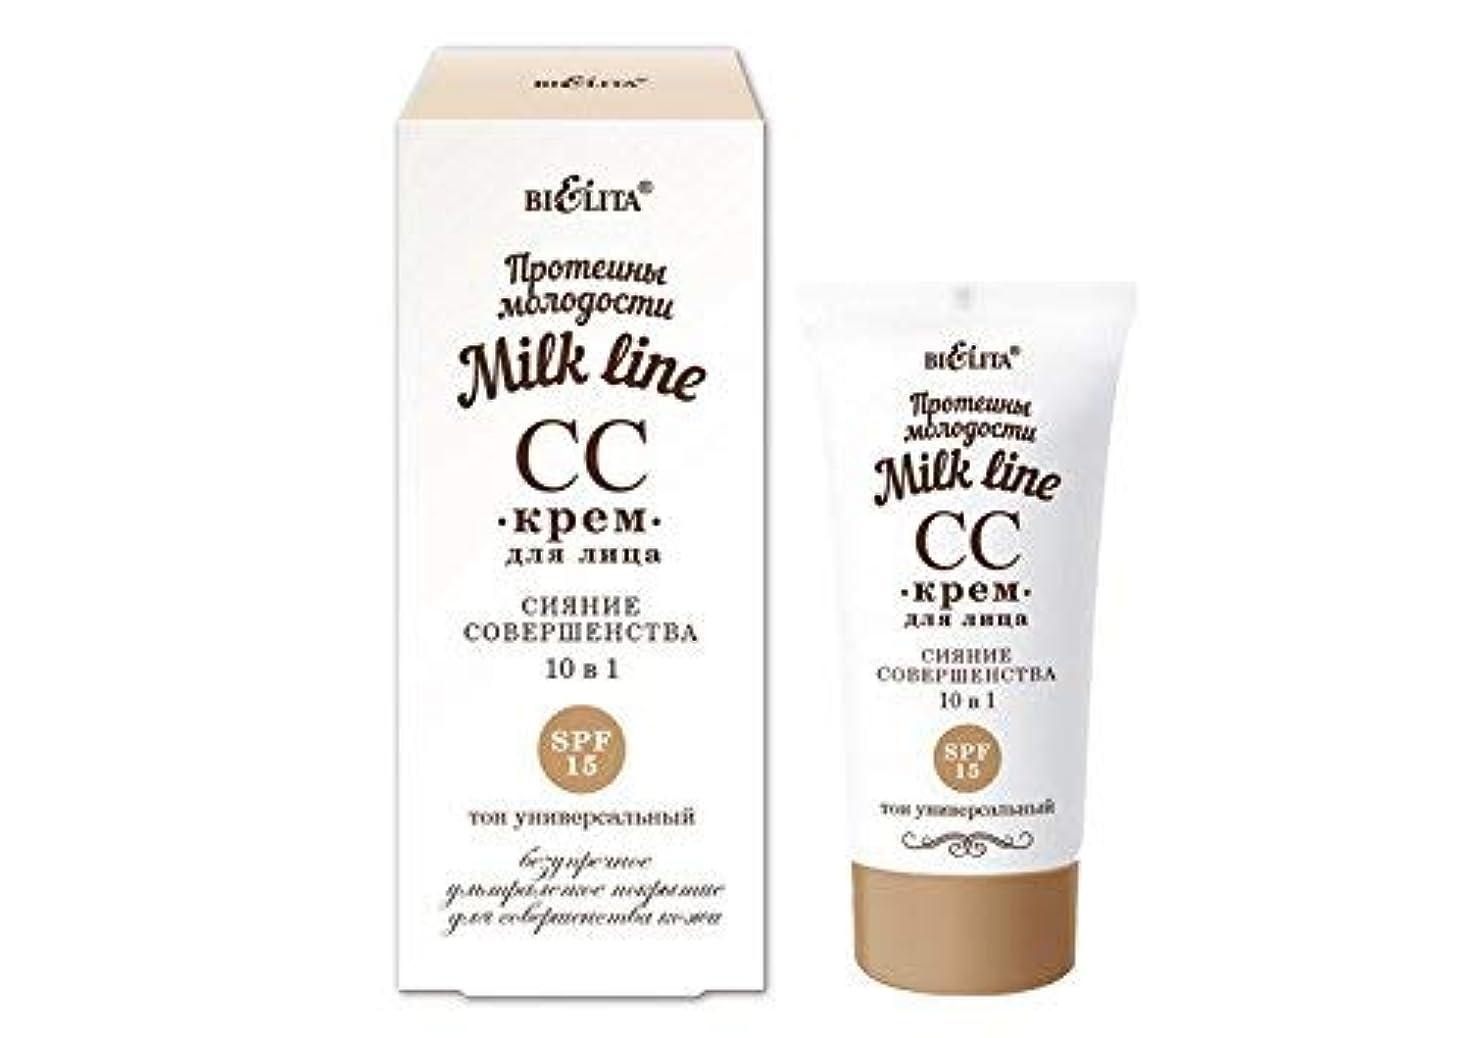 トーストスリラーゲインセイCC Cream,based on goat's milk Total Effects Tone Correcting Moisturizer with Sunscreen, Light to Medium 10 effects in 1 tube of SPF 15